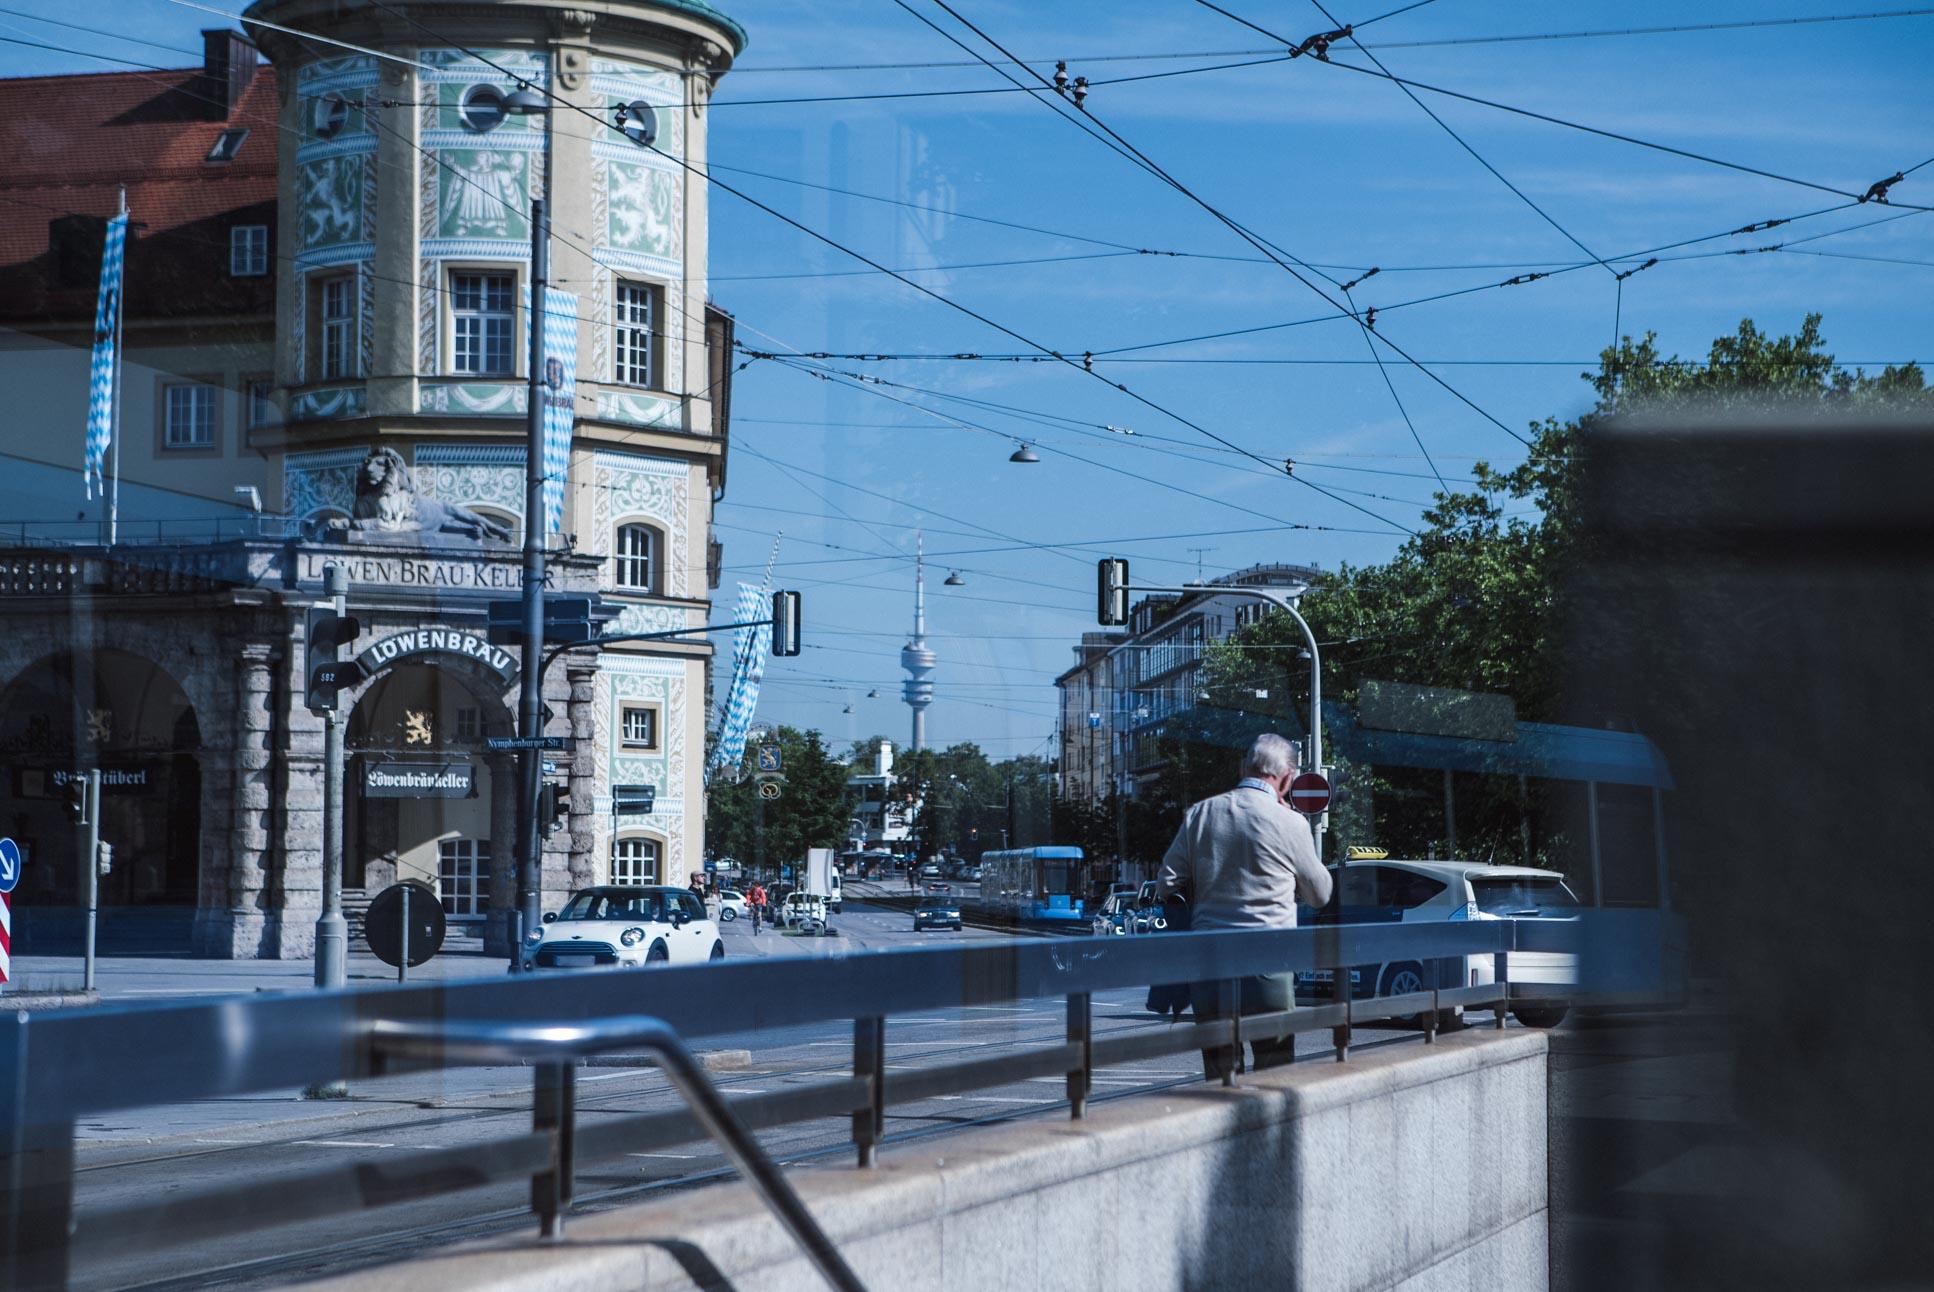 Stiglmaierplatz tram stop